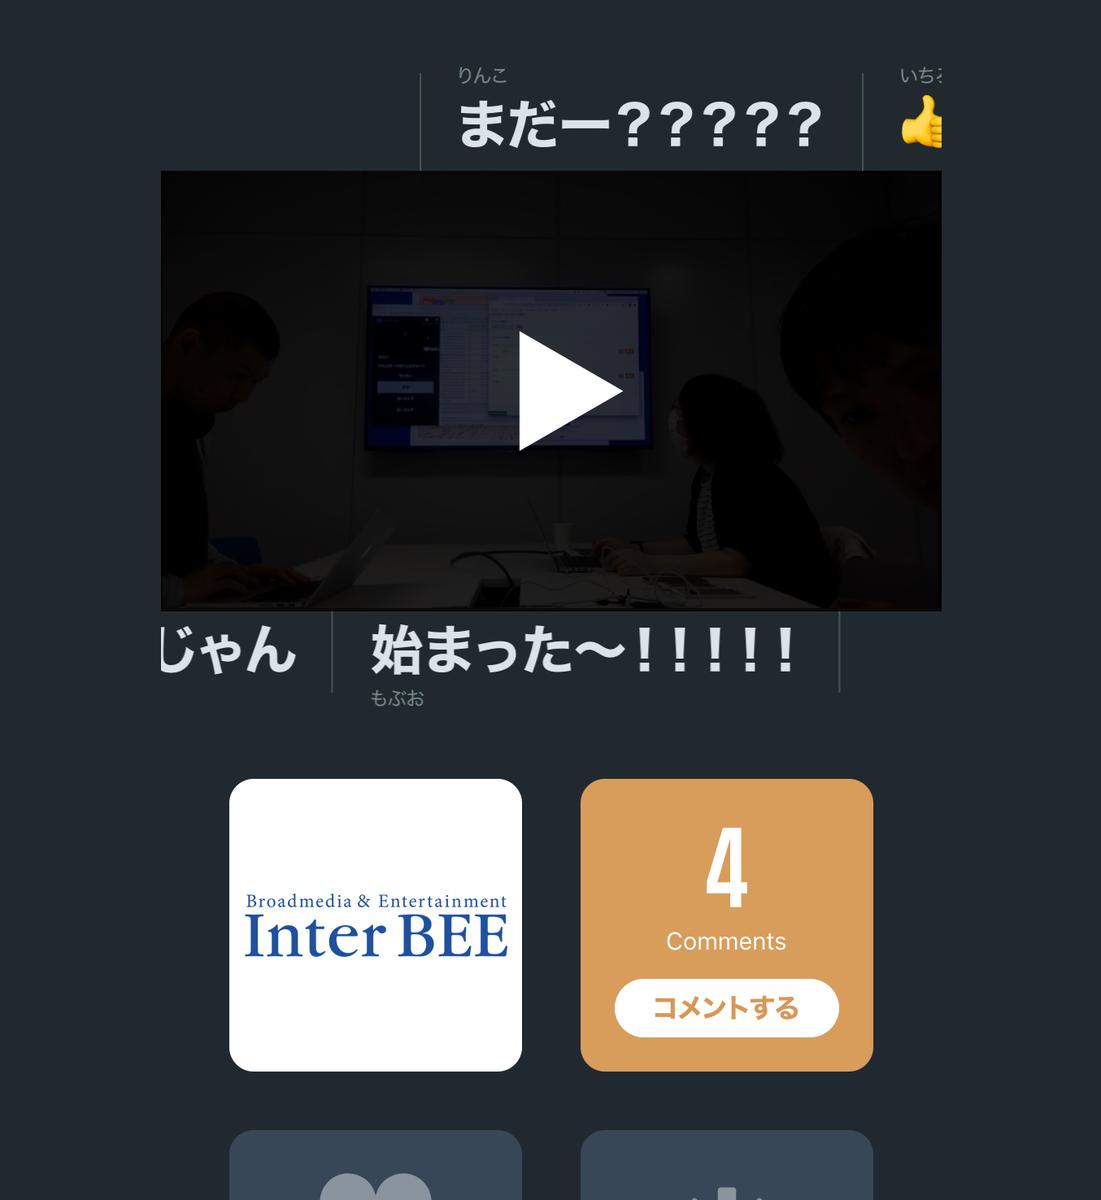 f:id:tt-techblog:20200721143109p:plain